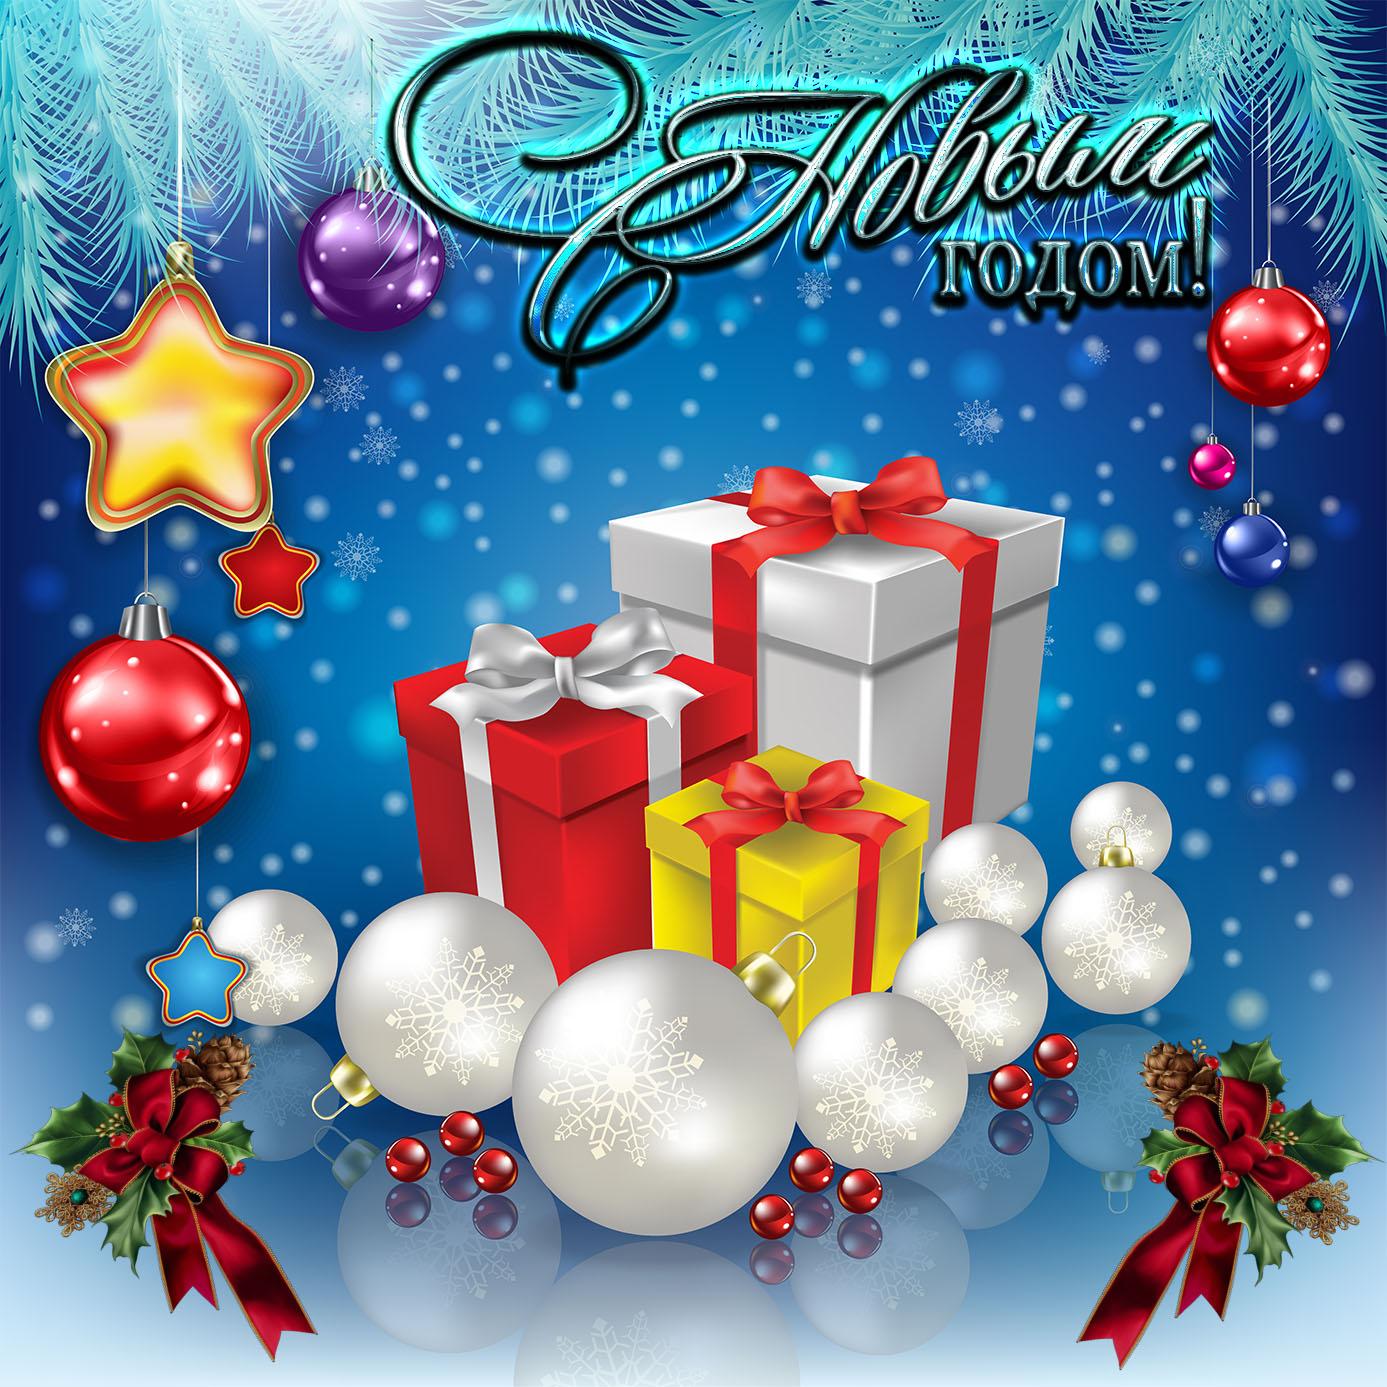 Картинка с подарками и шарами на Новый год